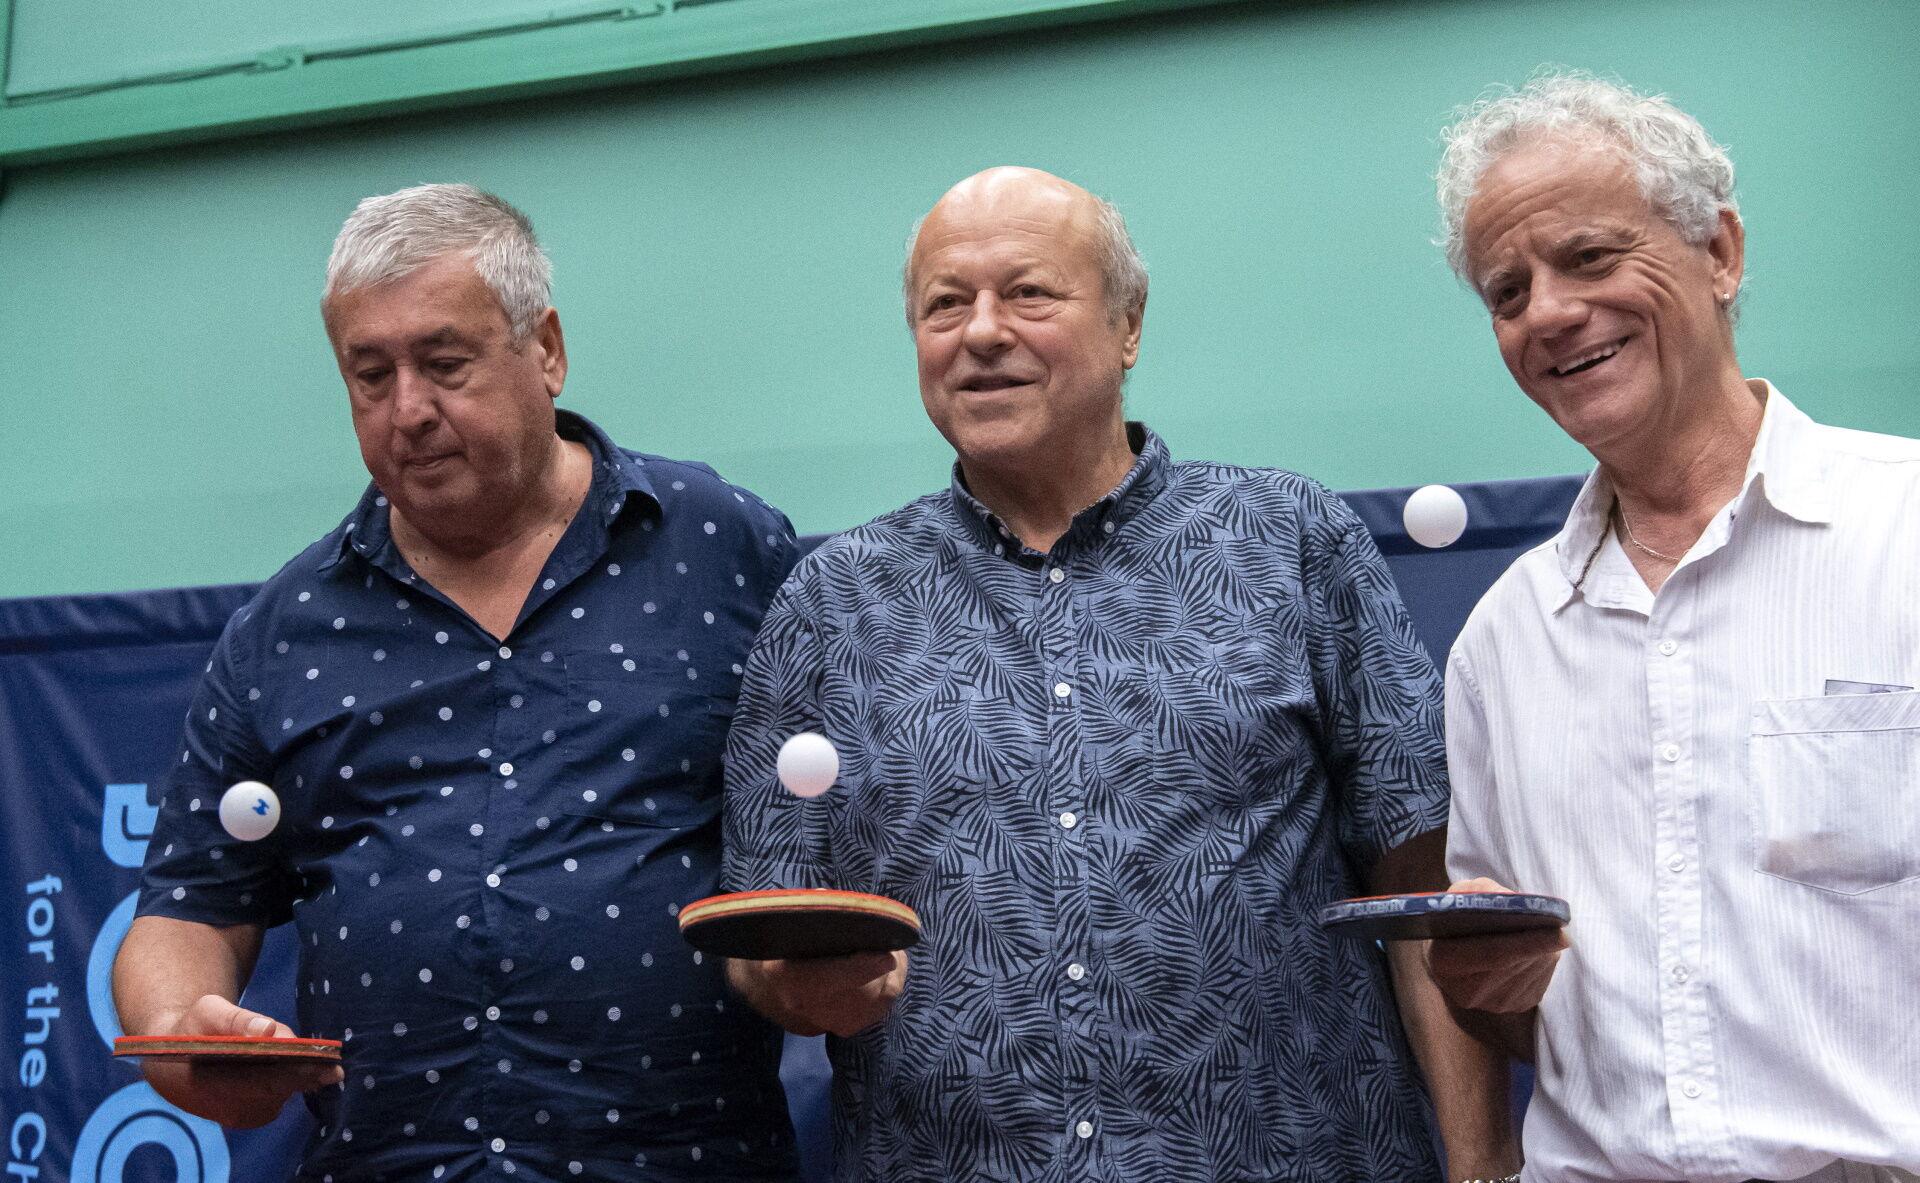 Jónyer István 70. születésnapjának ünneplésén csapattársaival Klampár Tiborral és Gergely Gáborral.